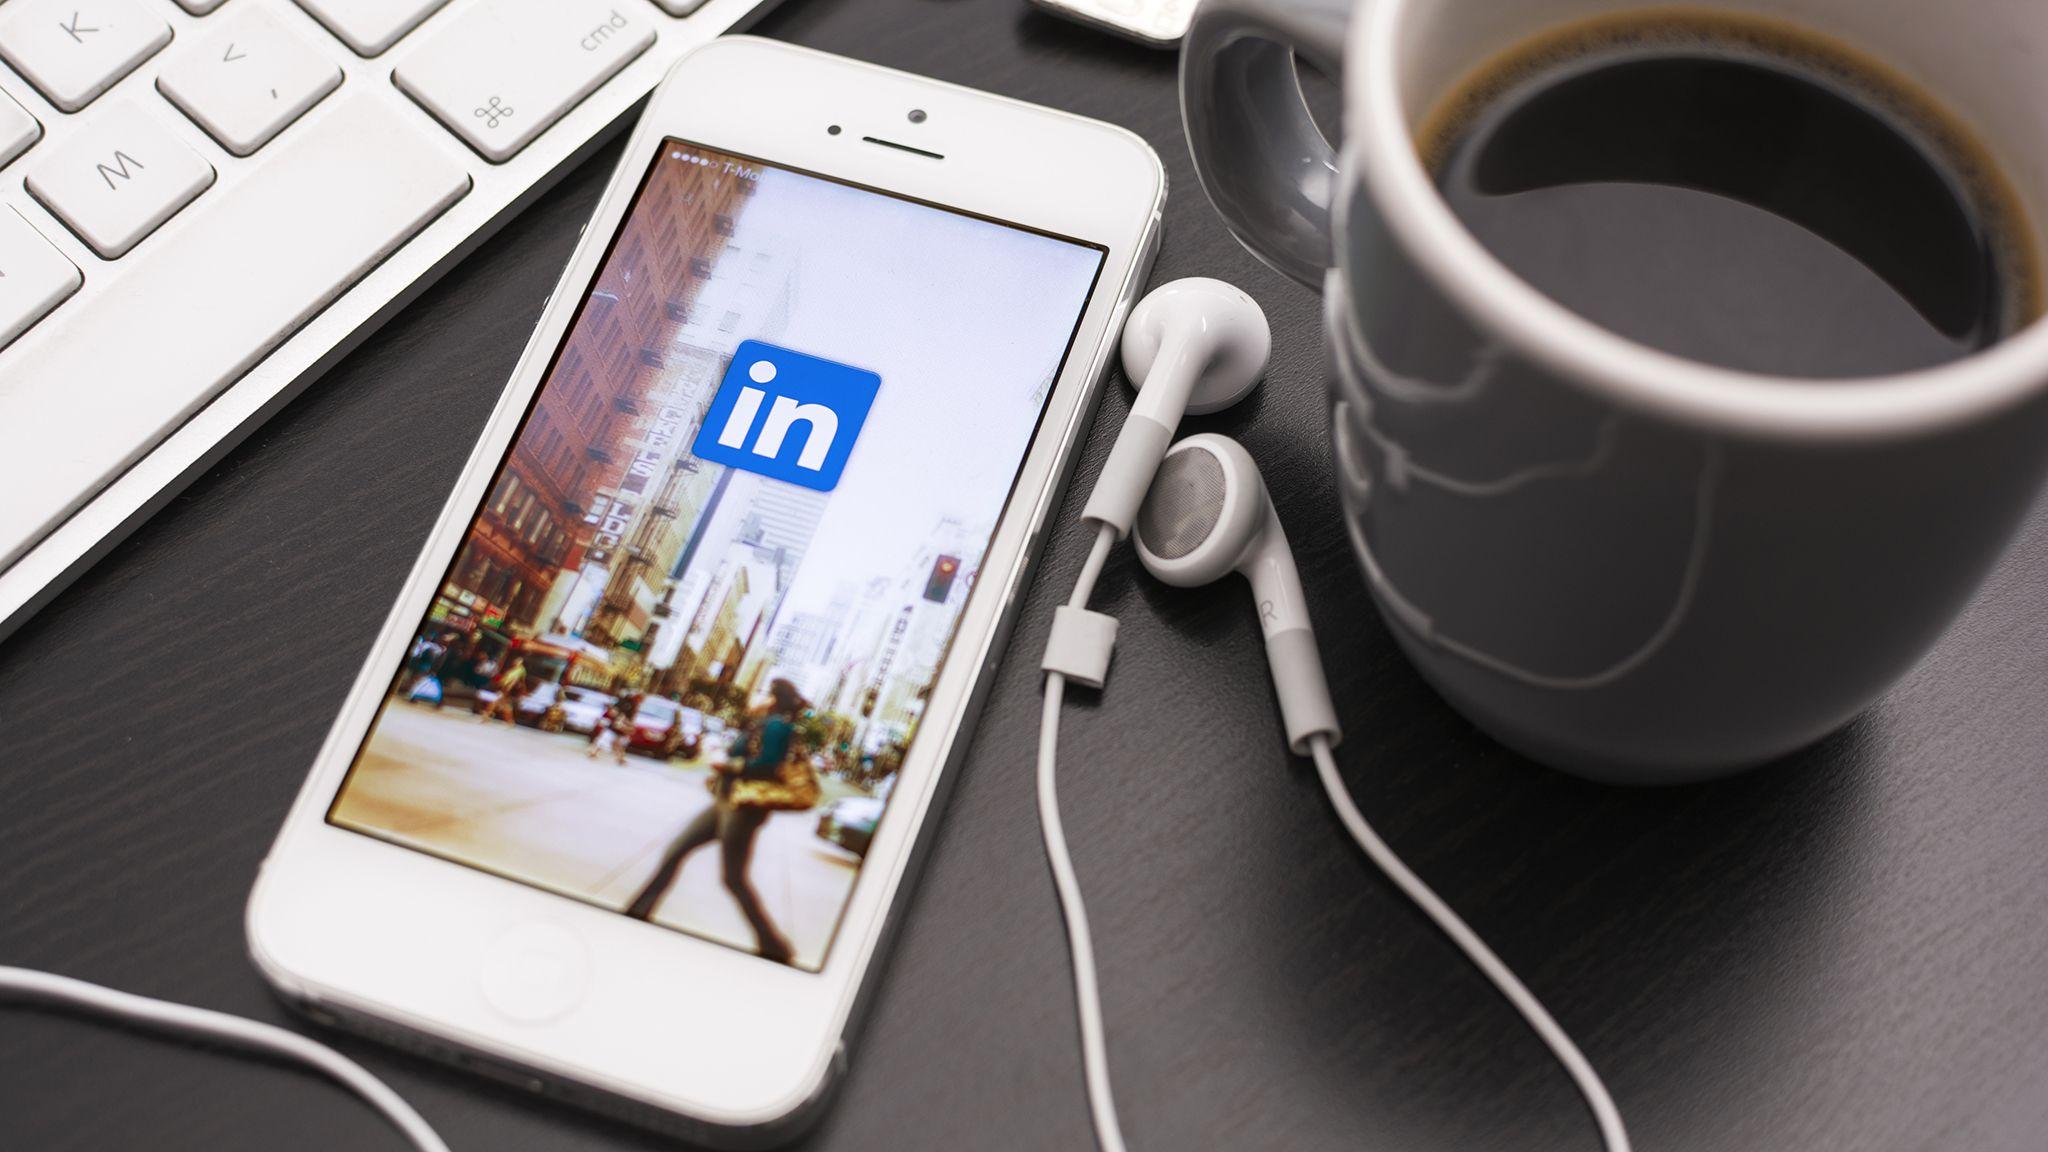 Comment optimiser votre visibilité sur LinkedIn en 20 leçons ? #communication #linkedin